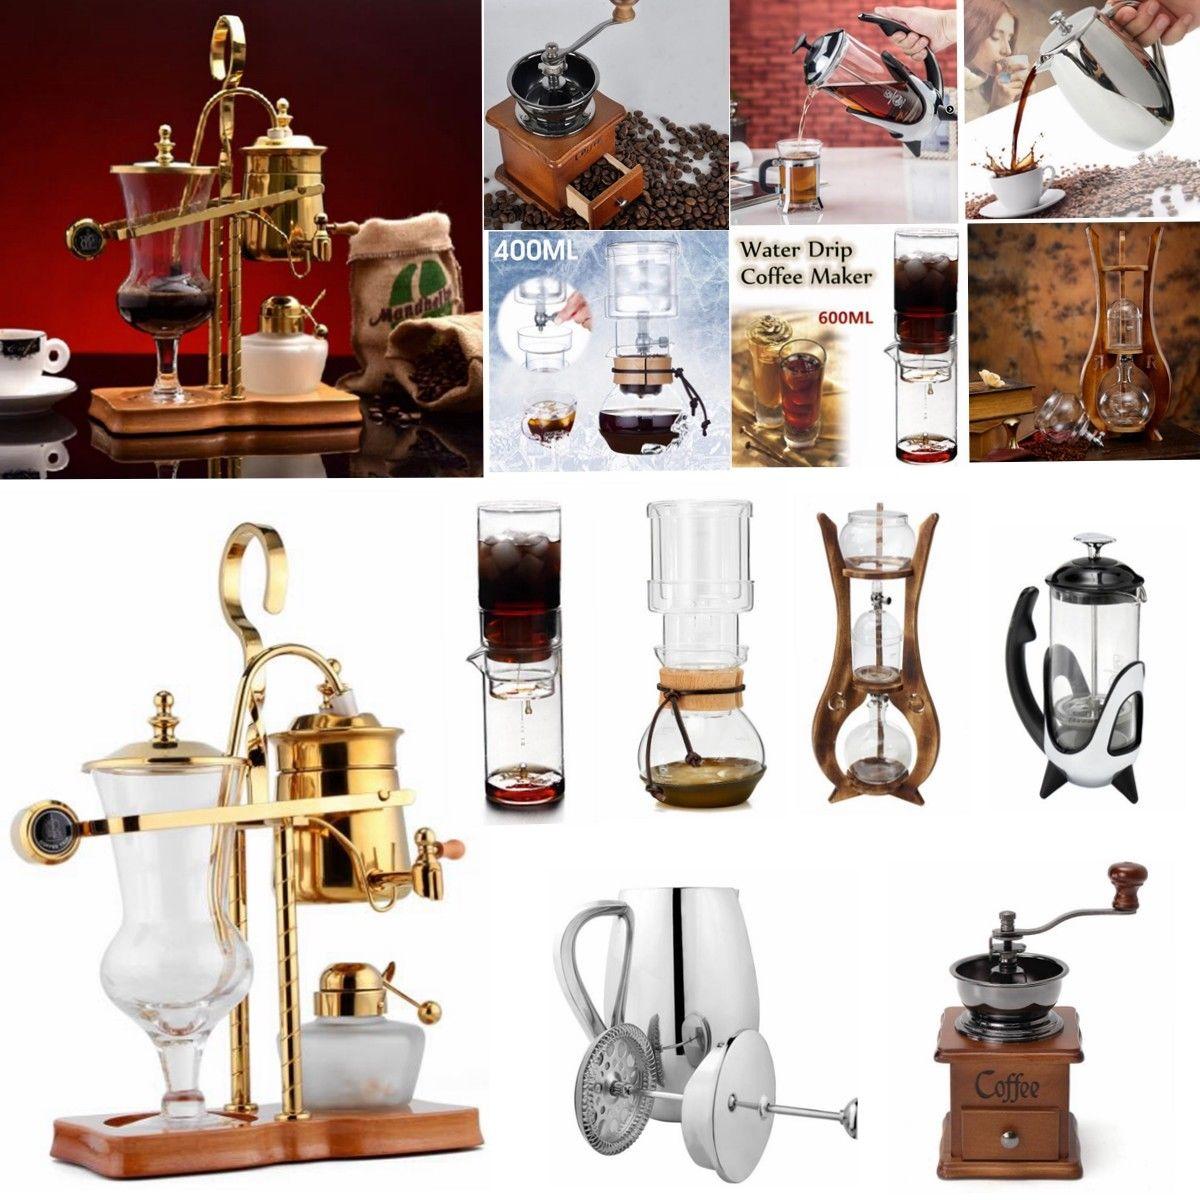 press house coffee.com/bongino